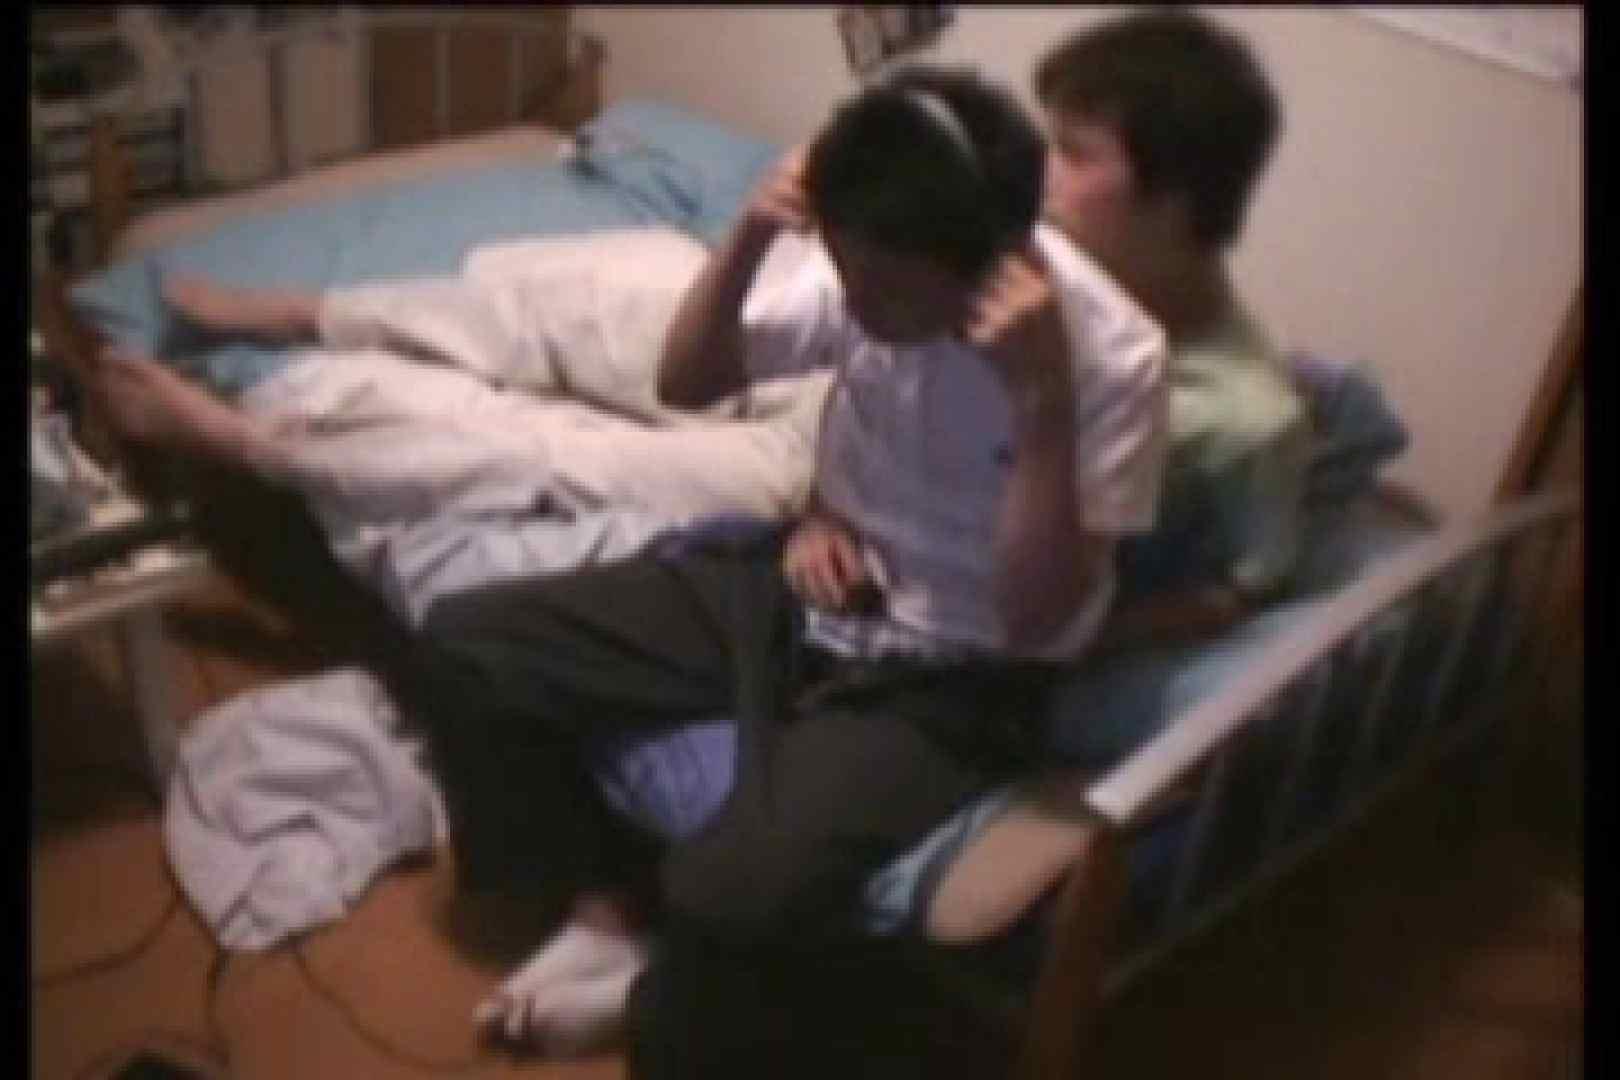 【実録投稿】友達覗撮In my room!! 射精  102pic 42